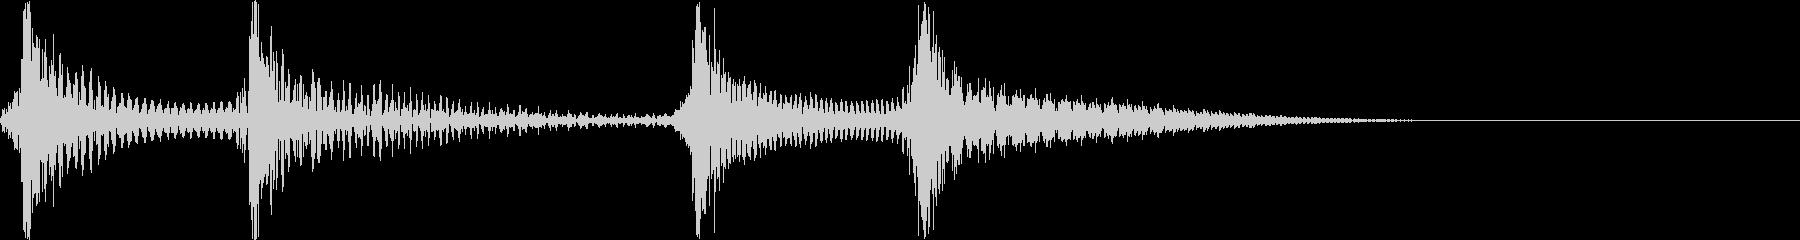 ジャカジャン(三味線)の未再生の波形